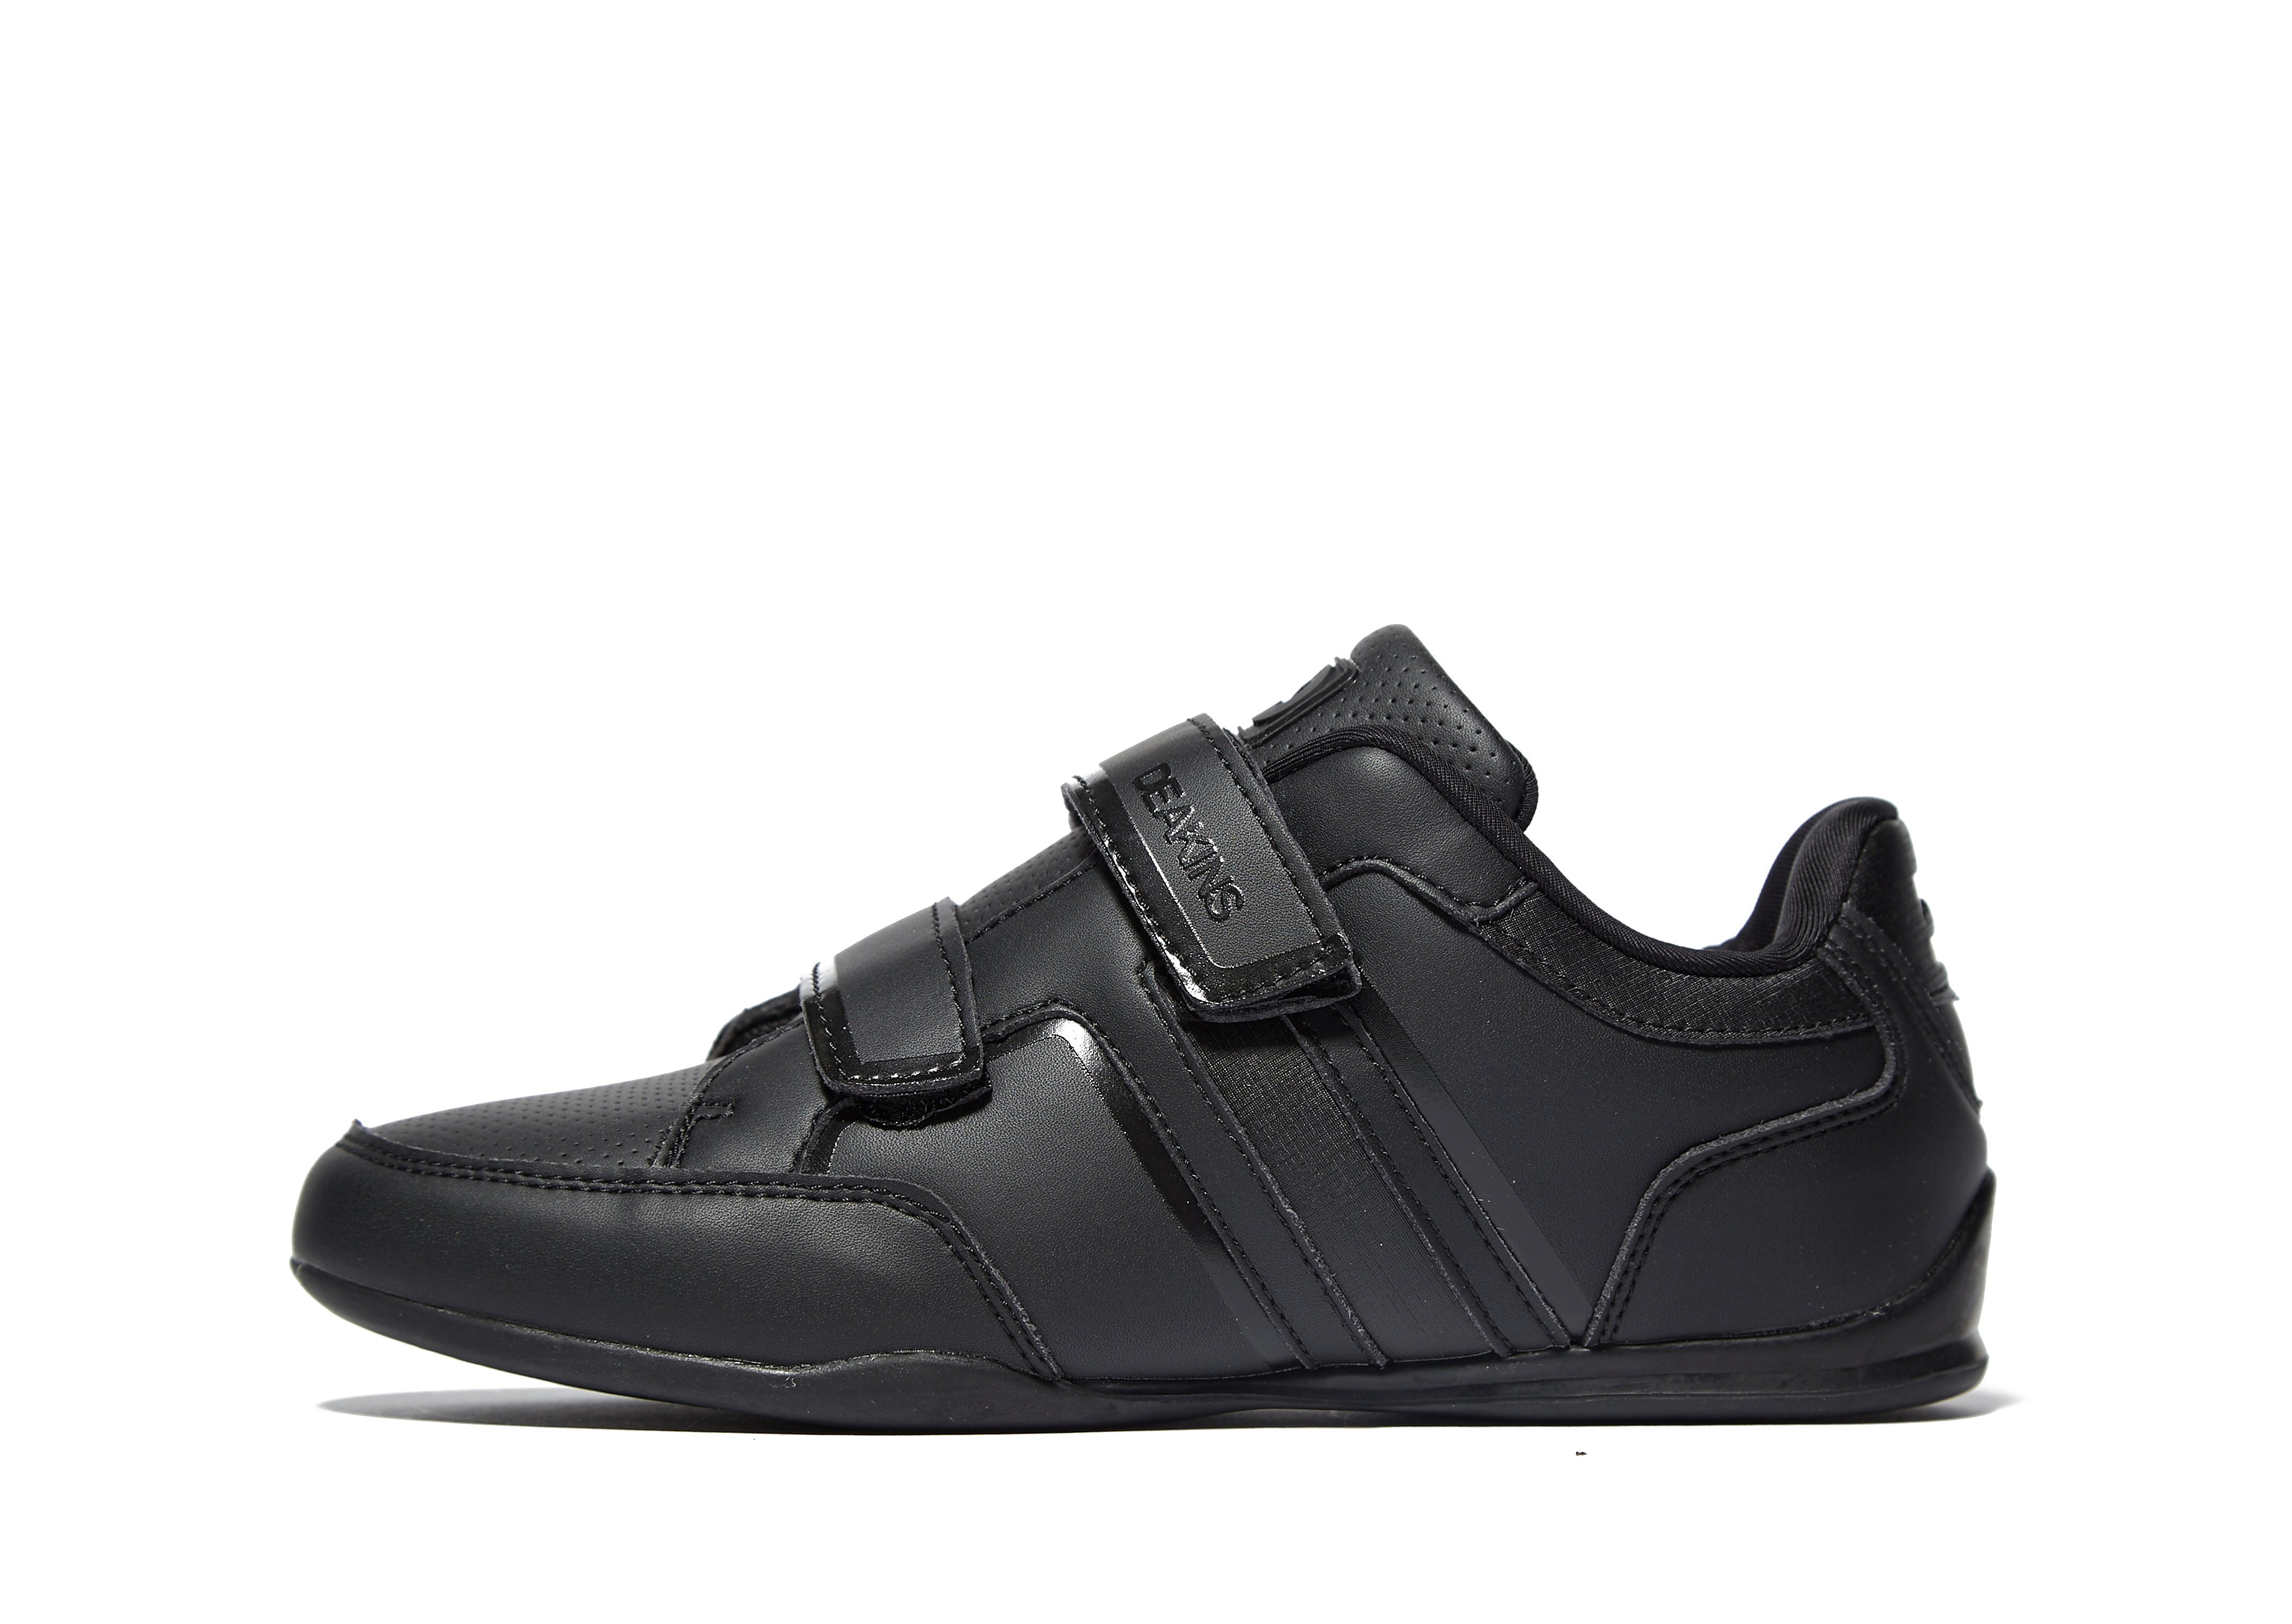 Nicholas Deakins Norma Strap Shoes Junior